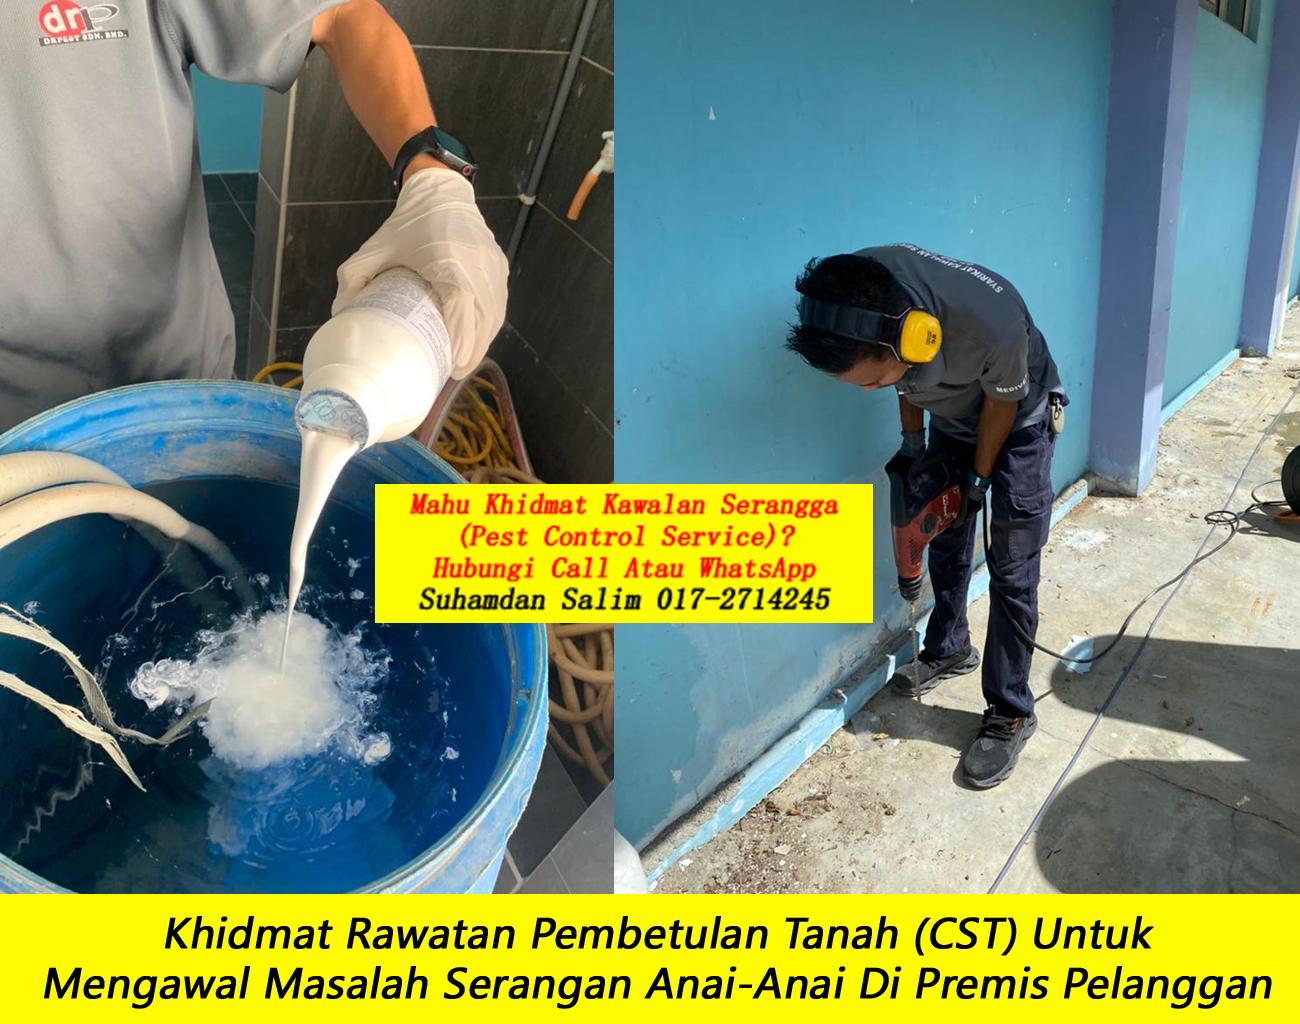 khidmat rawatan dan pencegahan masalah anai anai di Bukit Tunku kl oleh syarikat kawalan serangga company pest control kawalan anai anai yang berkesan terbaik di felda